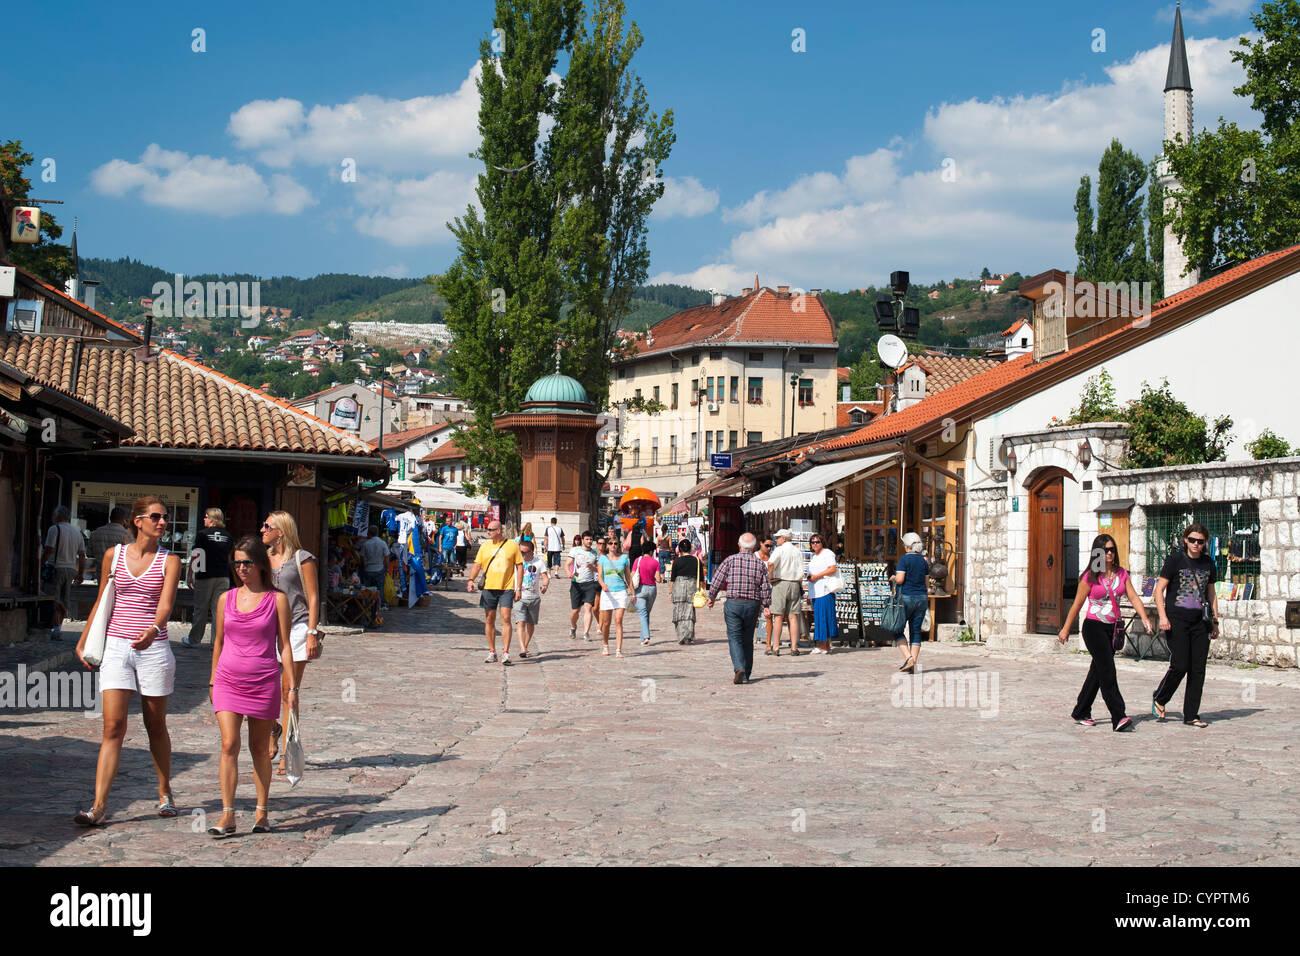 The Baščaršija (bazaar) in Sarajevo in Bosnia Herzegovina. - Stock Image